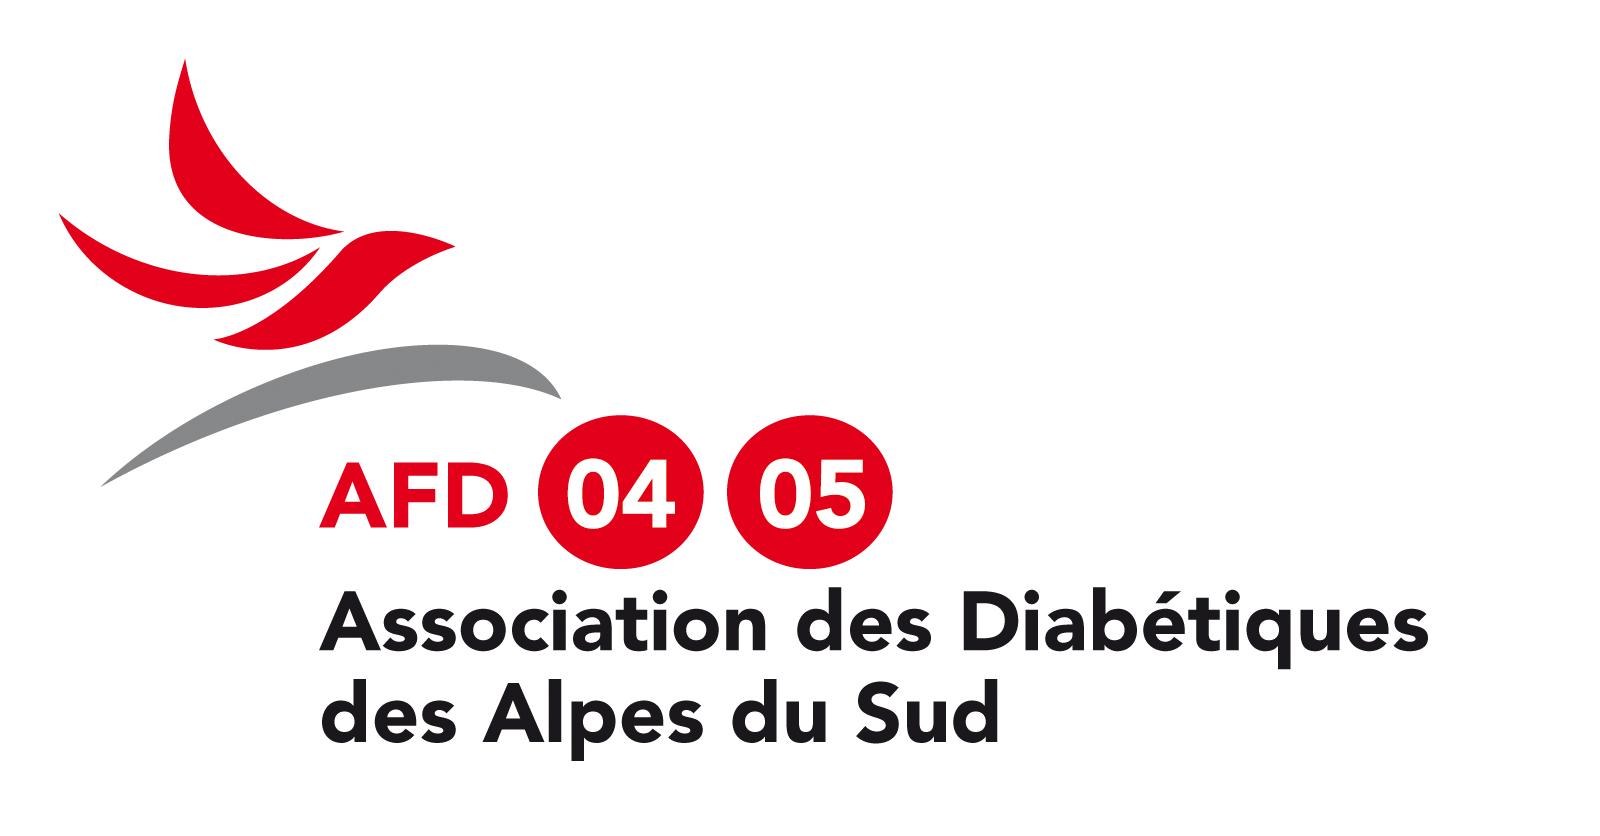 Connaissez-vous l'Association Française des Diabétiques des Alpes du Sud ?